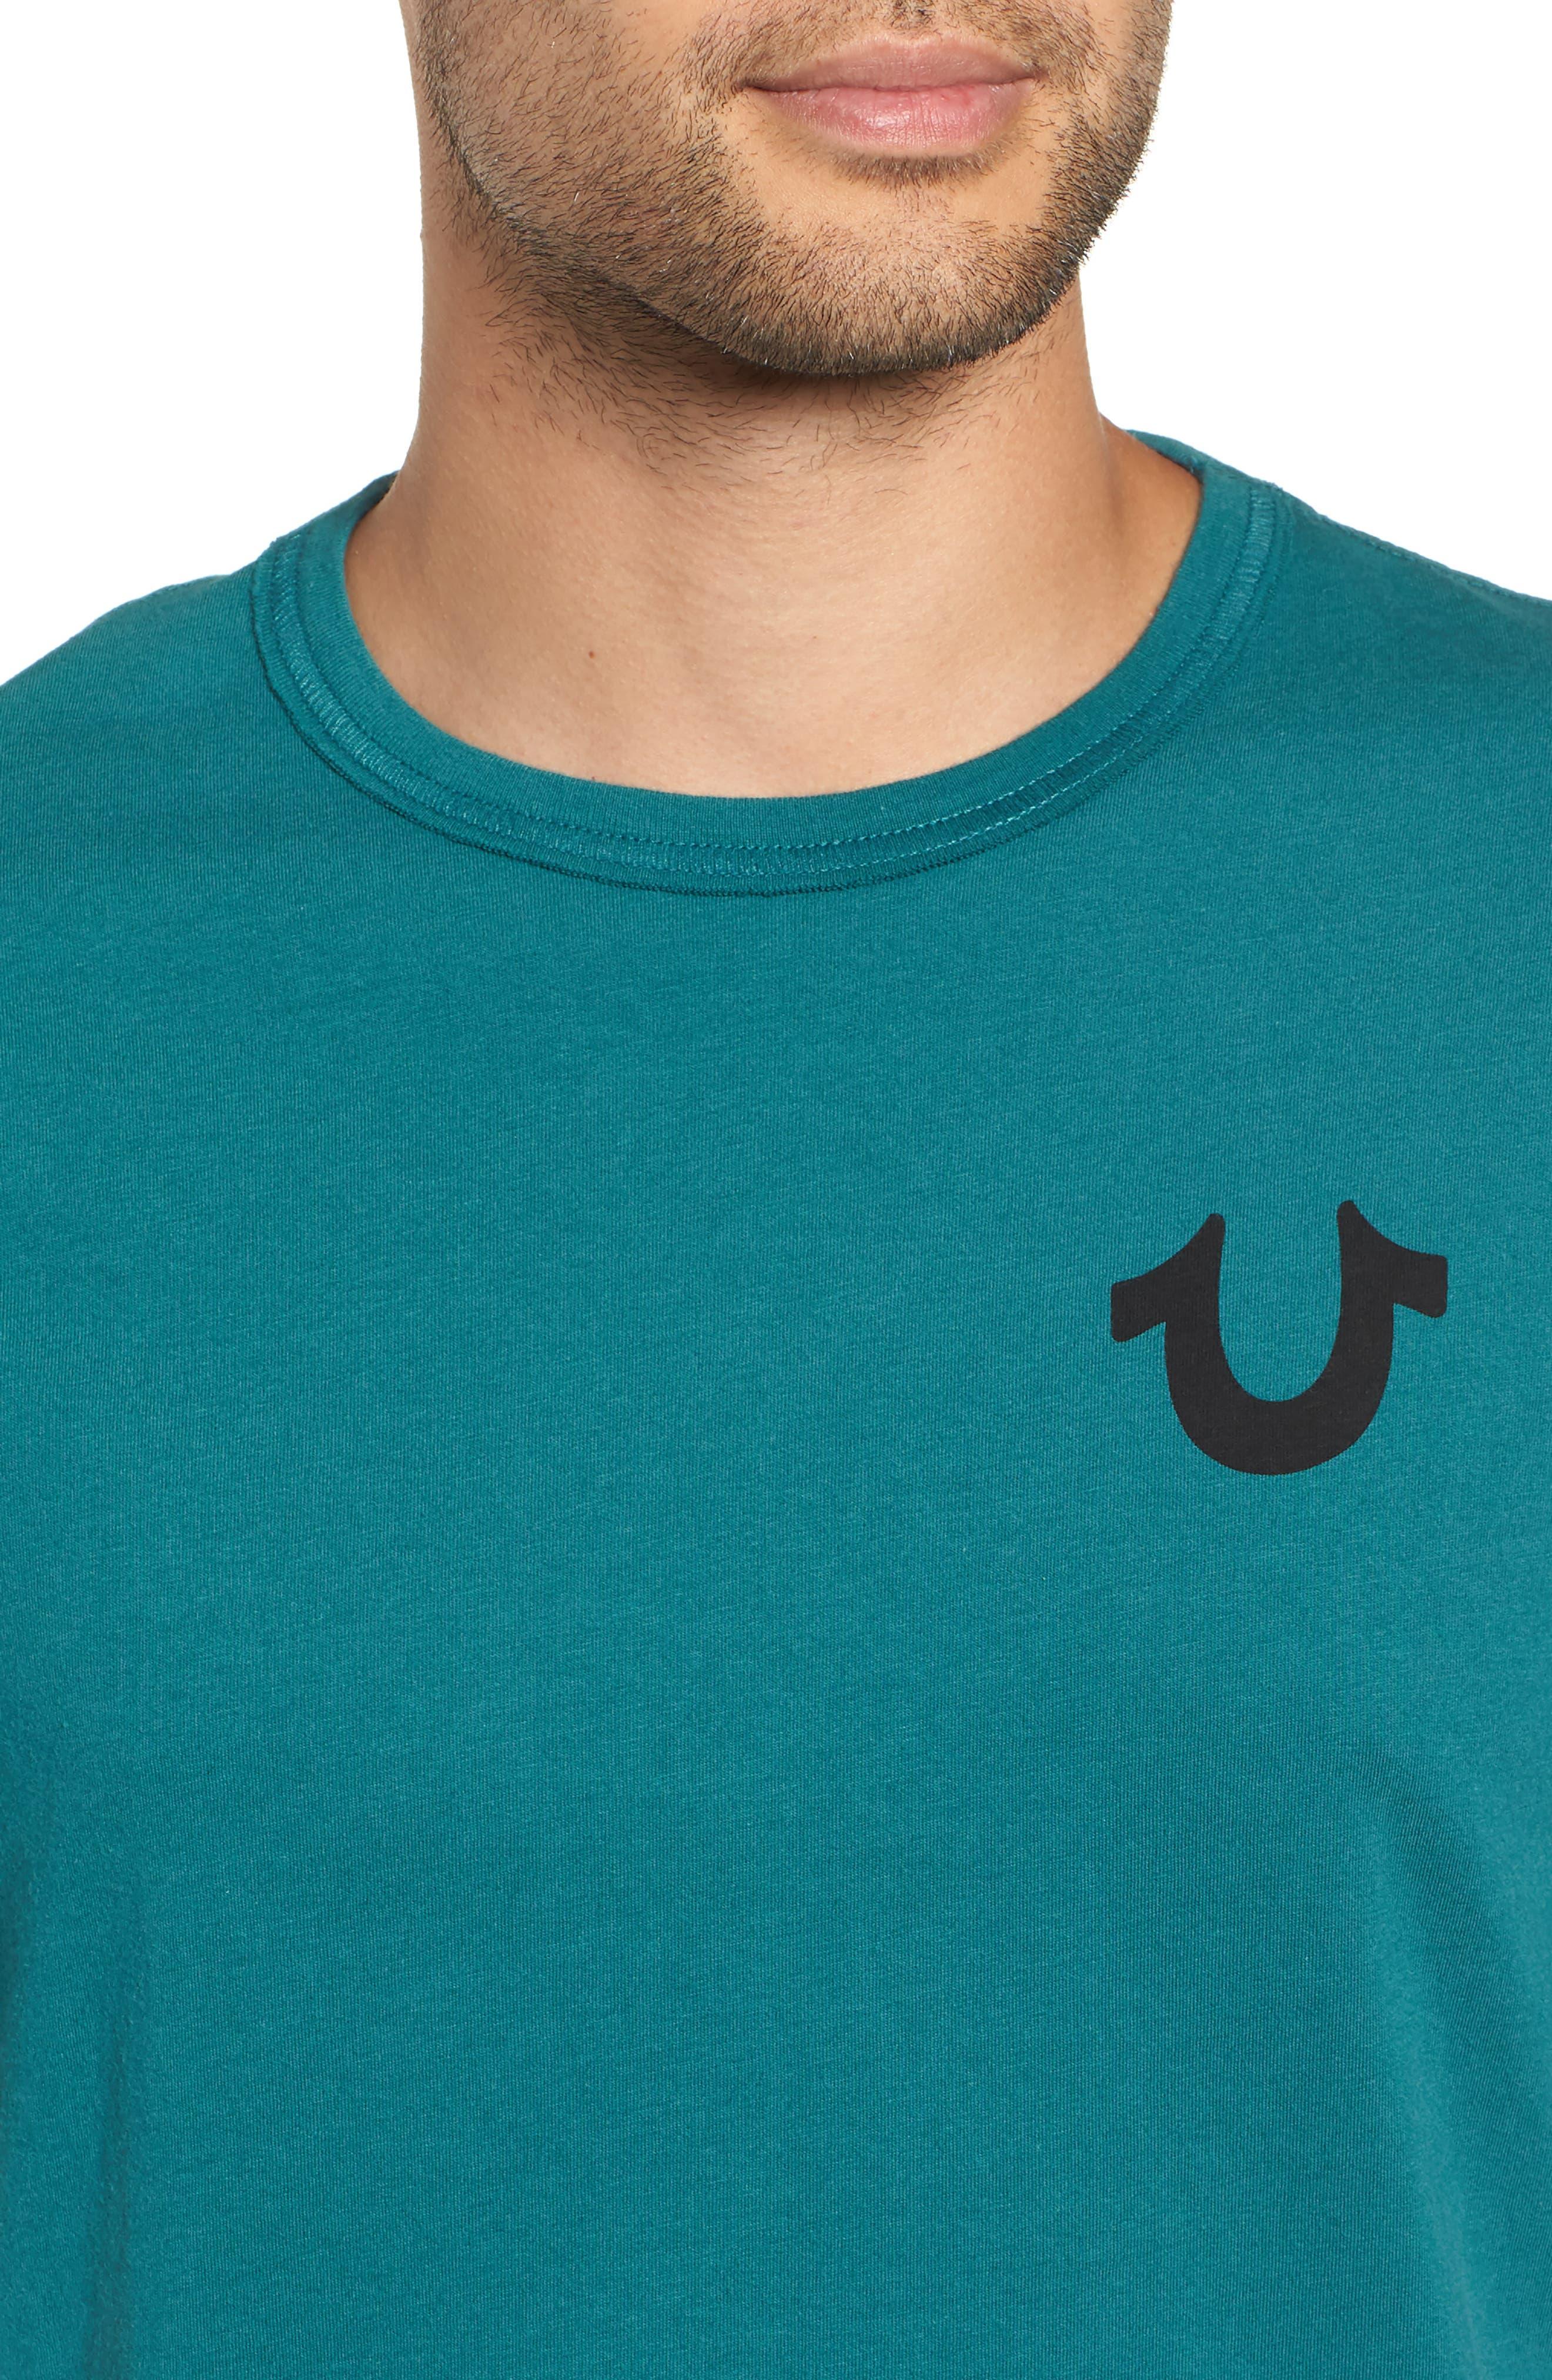 Capital T-Shirt,                             Alternate thumbnail 7, color,